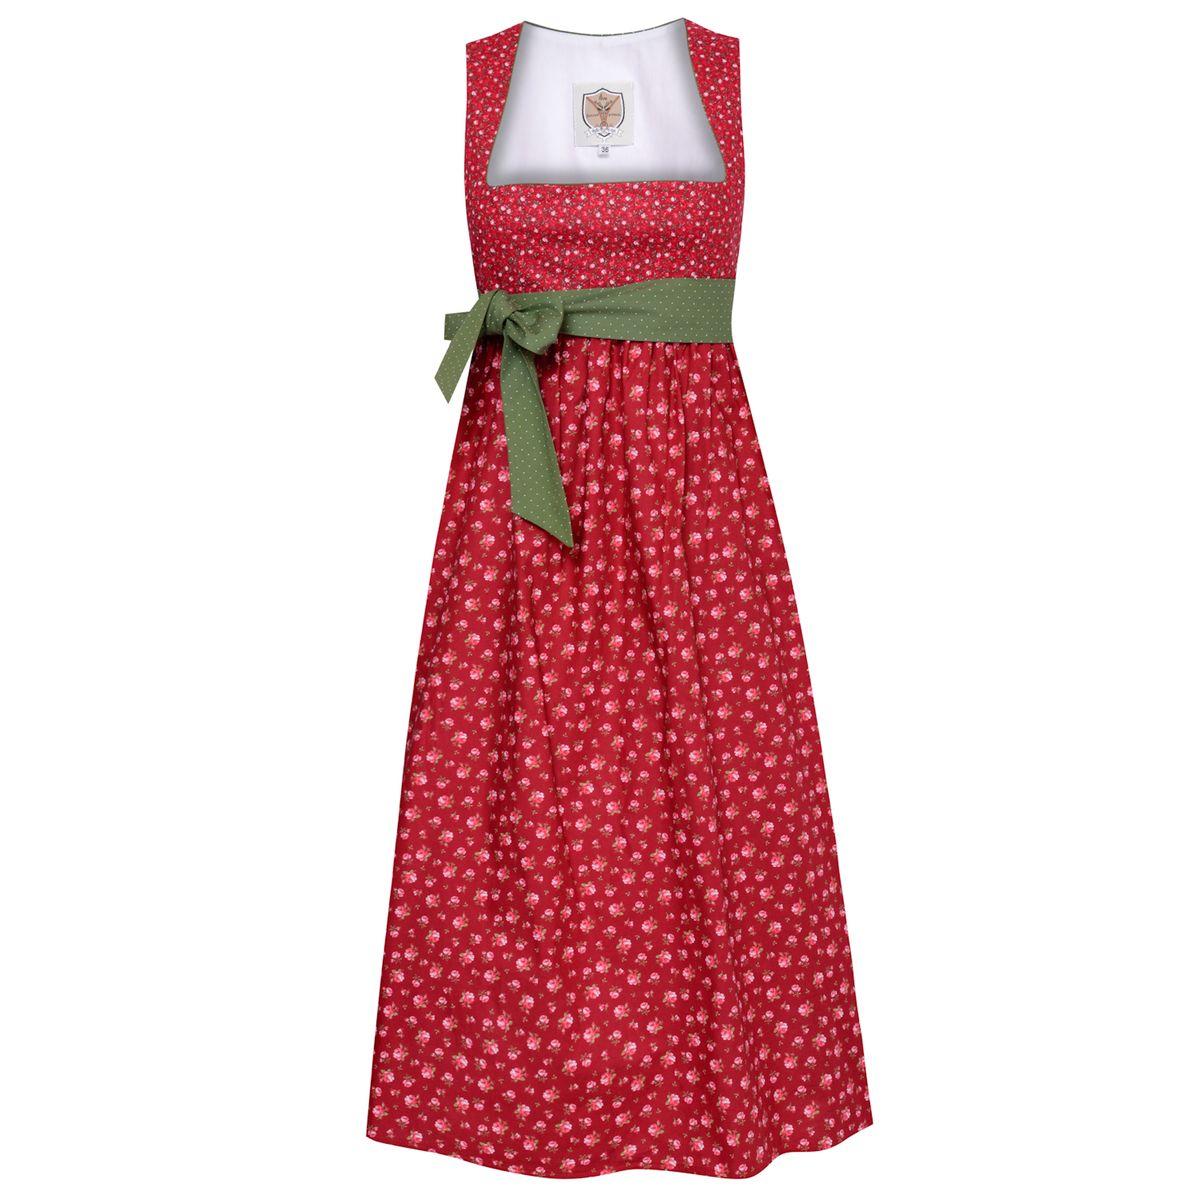 Umstandsdirndl Hochzeitsdirndl Nina in Rot von Apple of my Eye günstig online kaufen